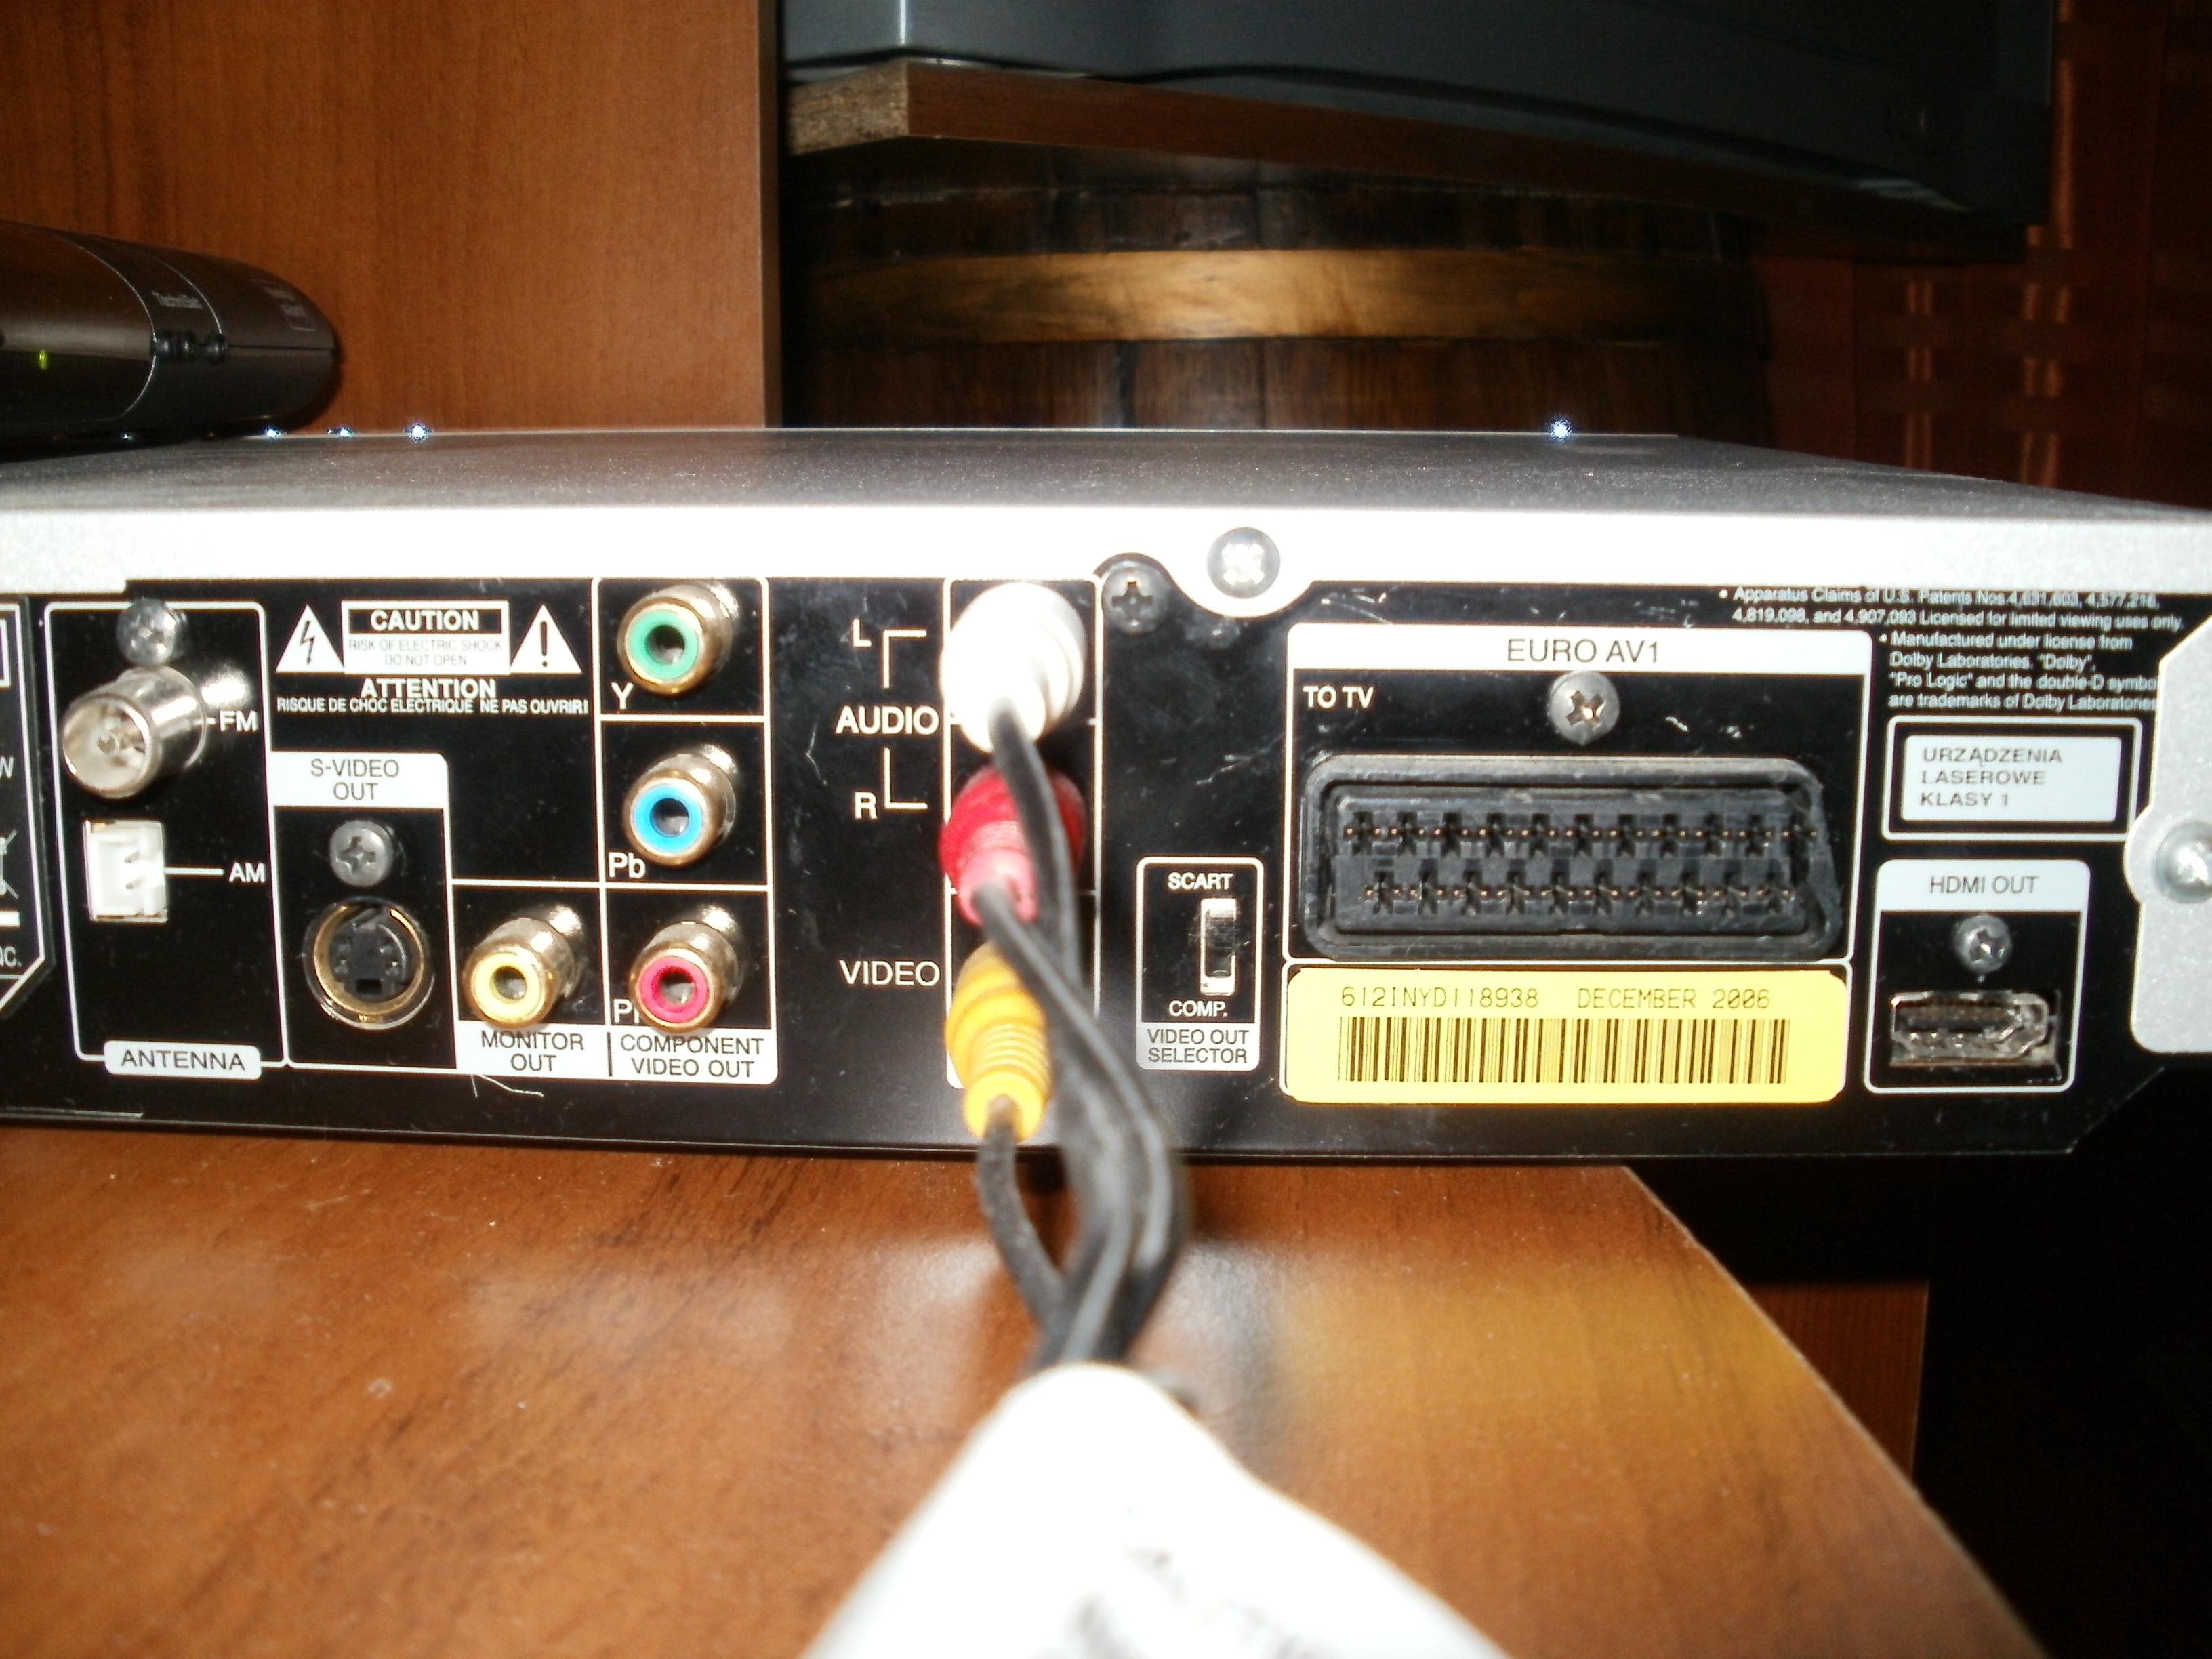 Laptop -> TV - Przekazanie obrazu i d�wi�ku z laptopa do TV + kino domowe.